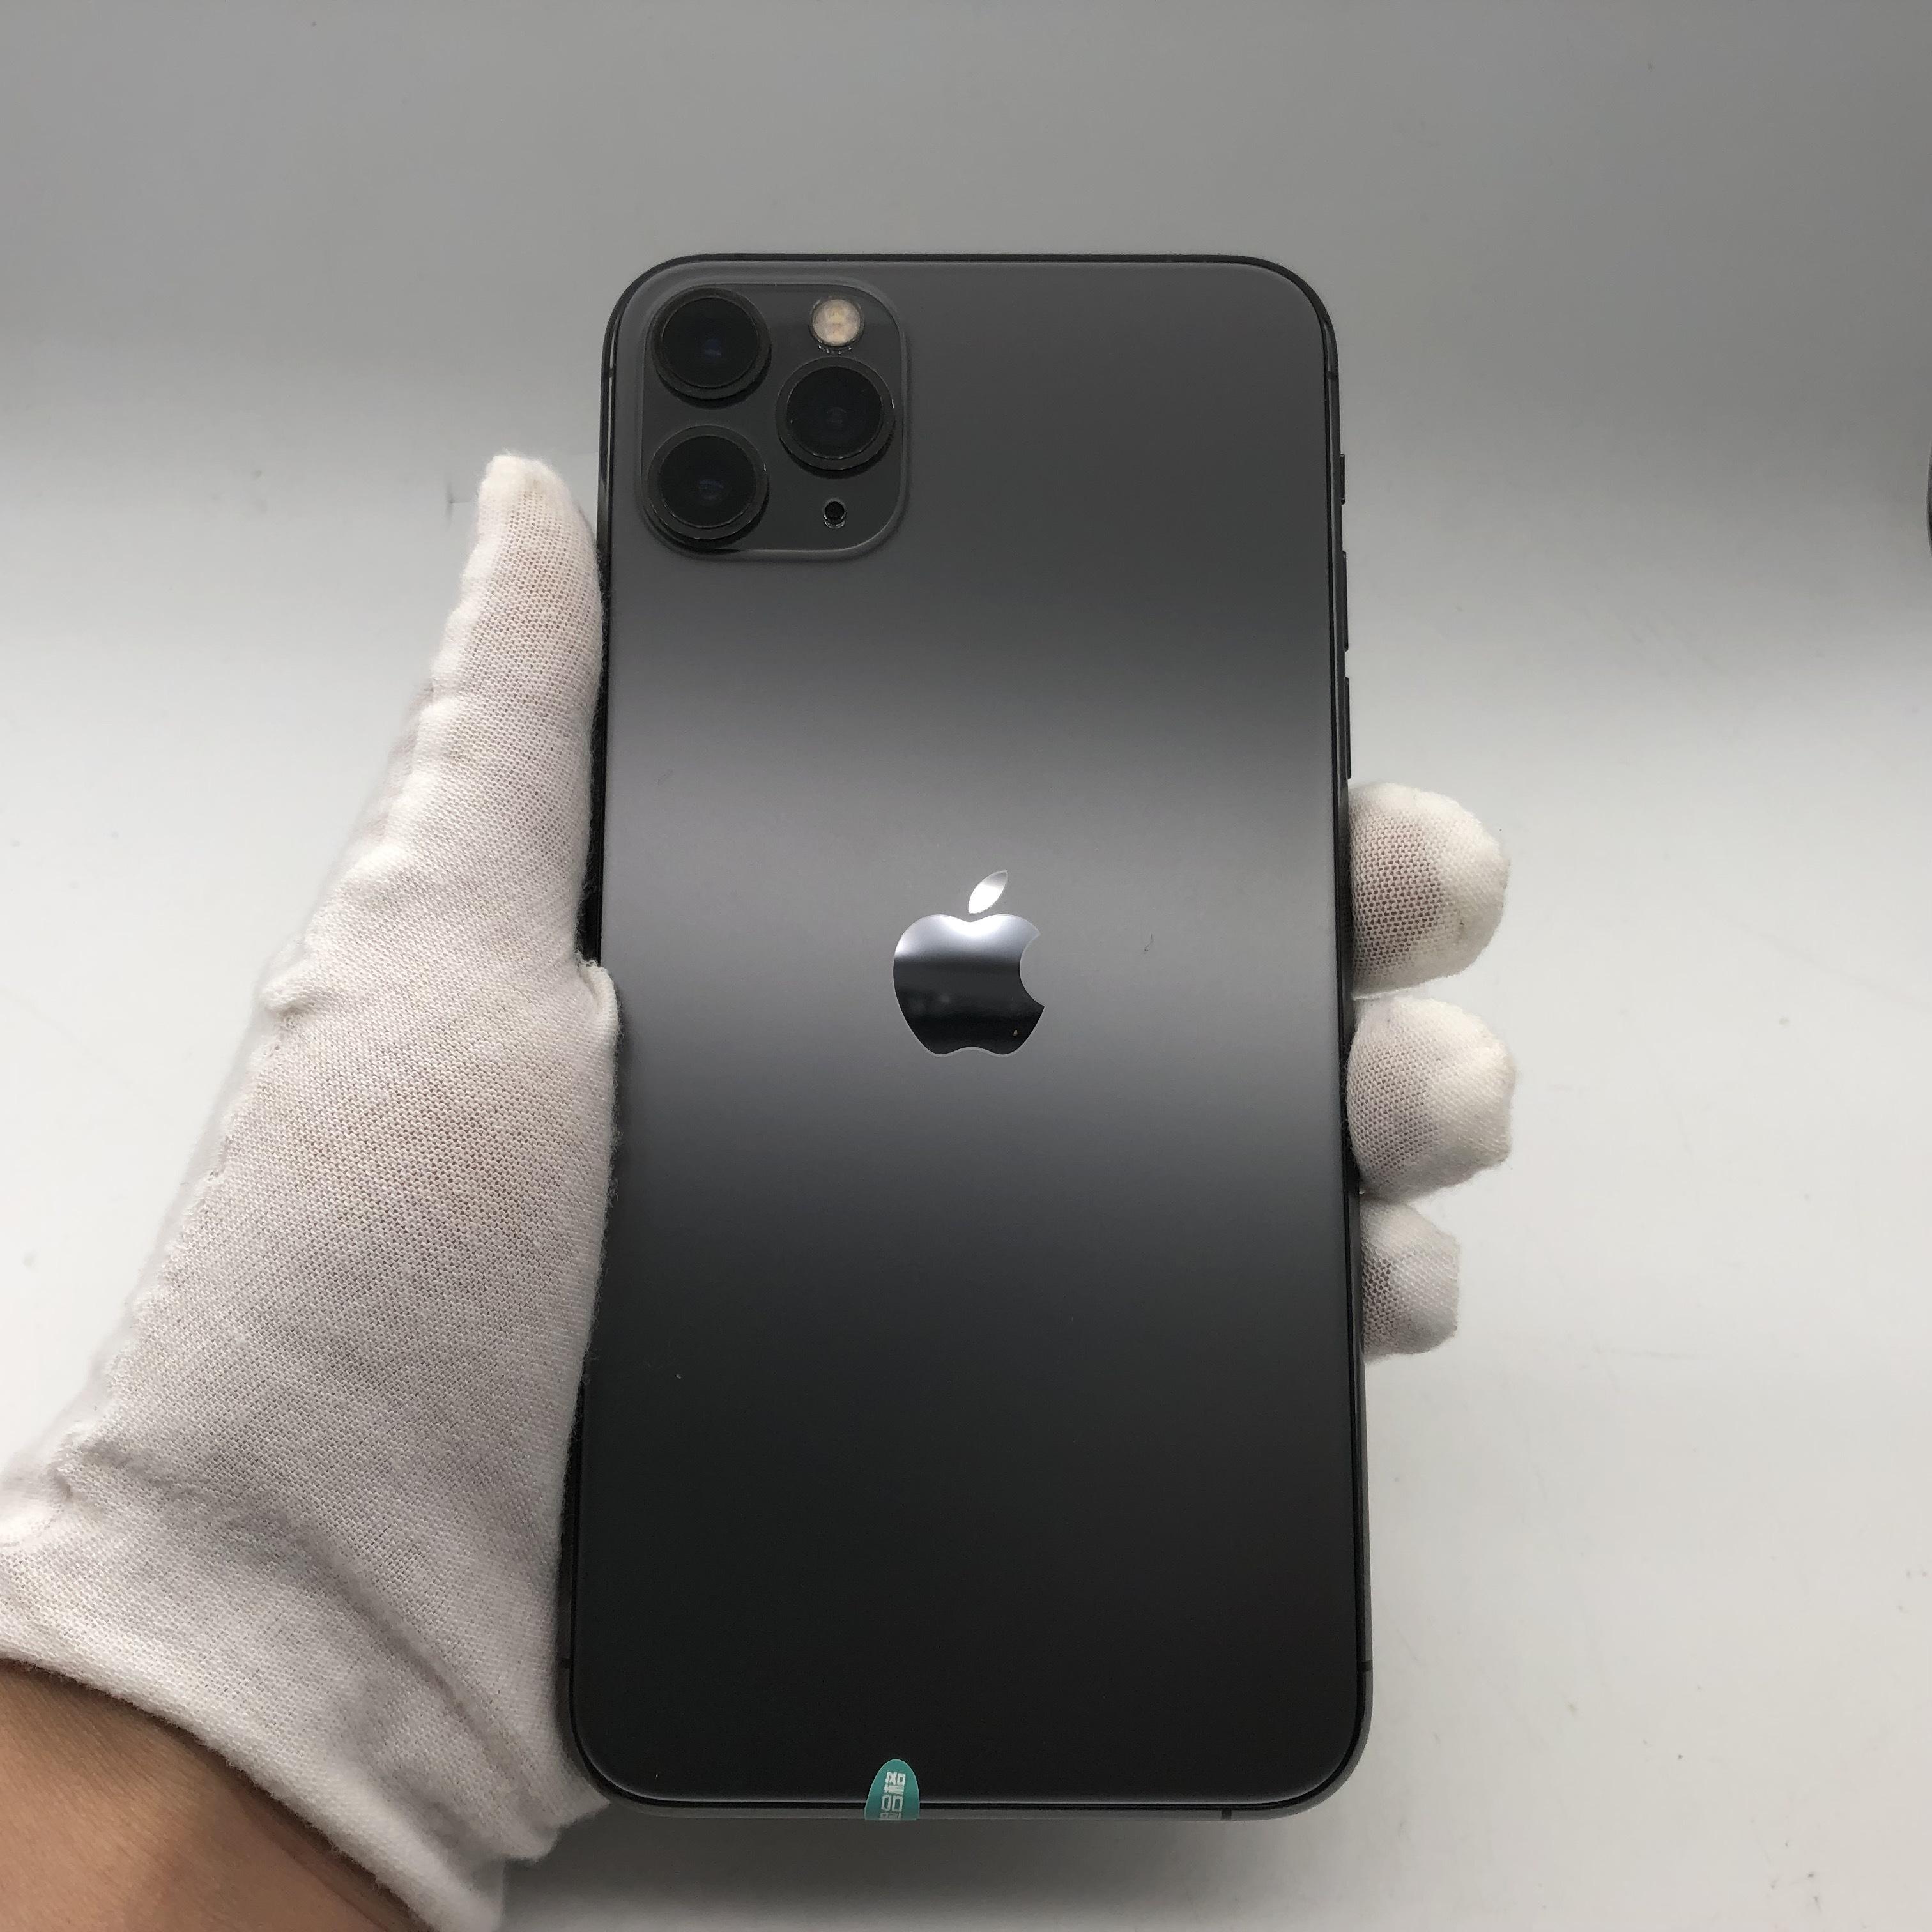 苹果【iPhone 11 Pro Max】4G全网通 深空灰 64G 国行 95新